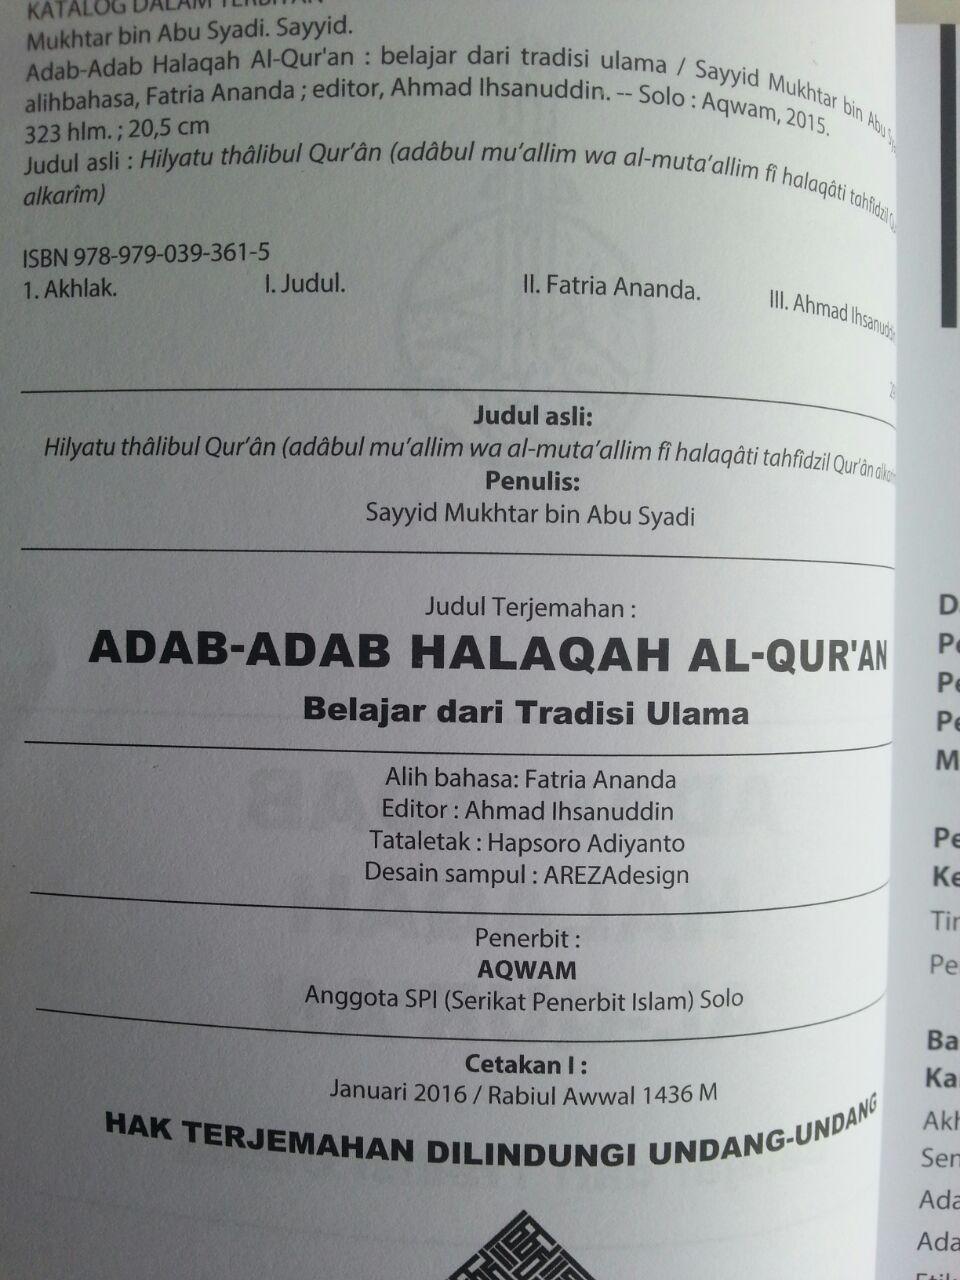 Buku Adab-Adab Halaqah Al-Qur'an Belajar Dari Tradisi Ulama isi